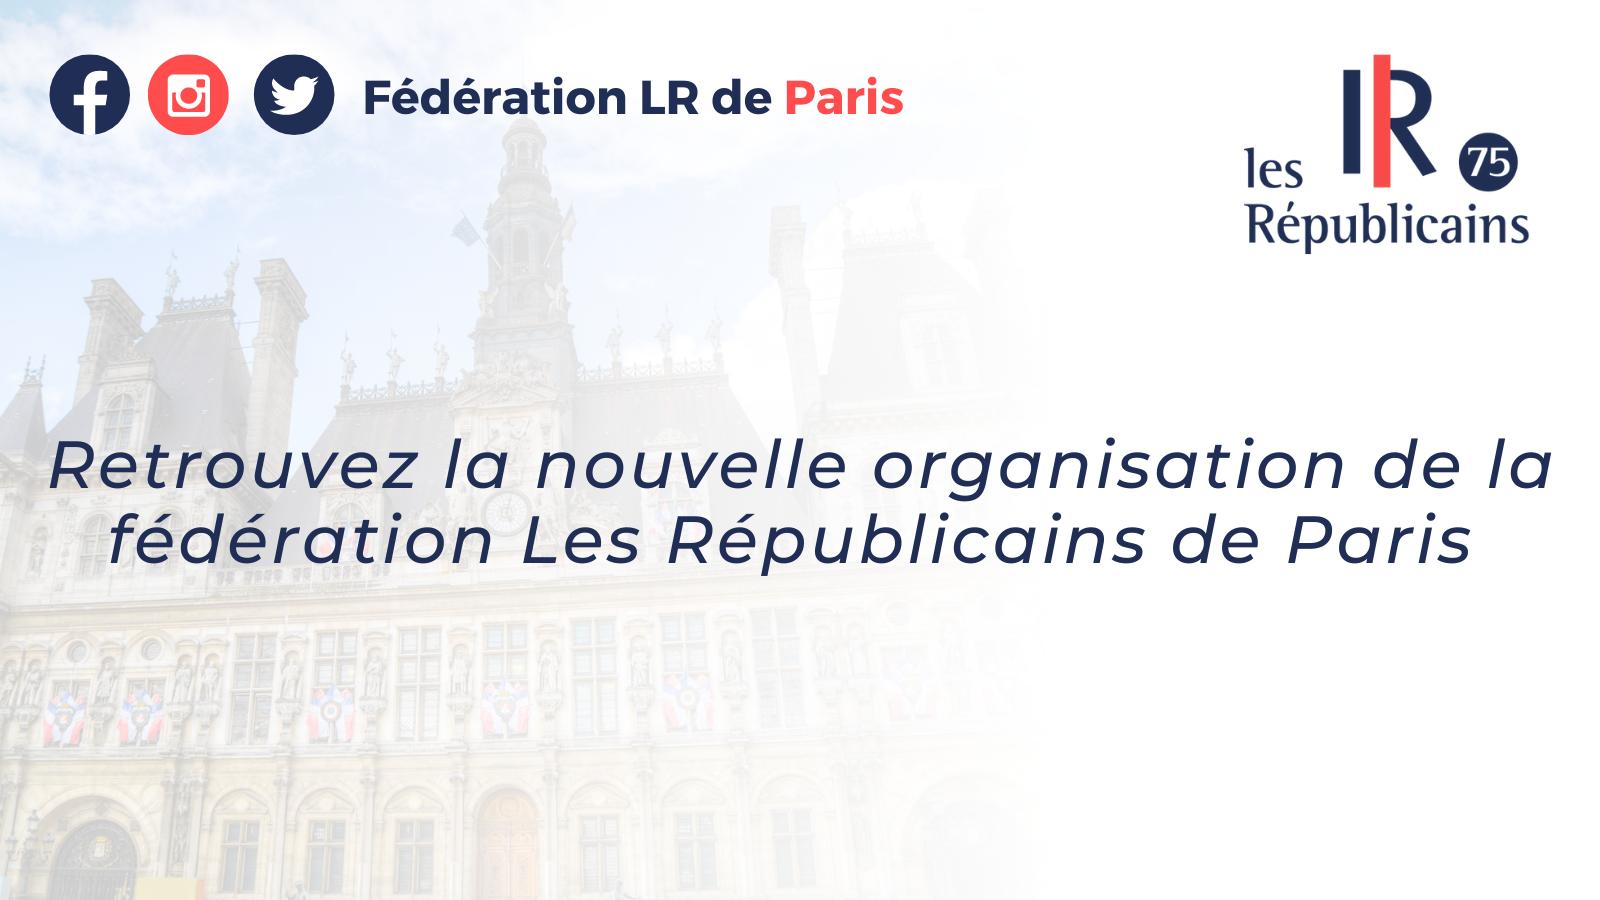 Nouvelle organisation de la Fédération Les Républicains de Paris